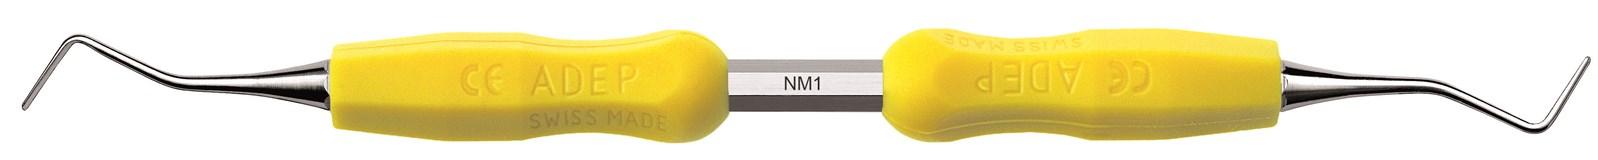 Lžičkové dlátko - NM1, ADEP tmavě zelený